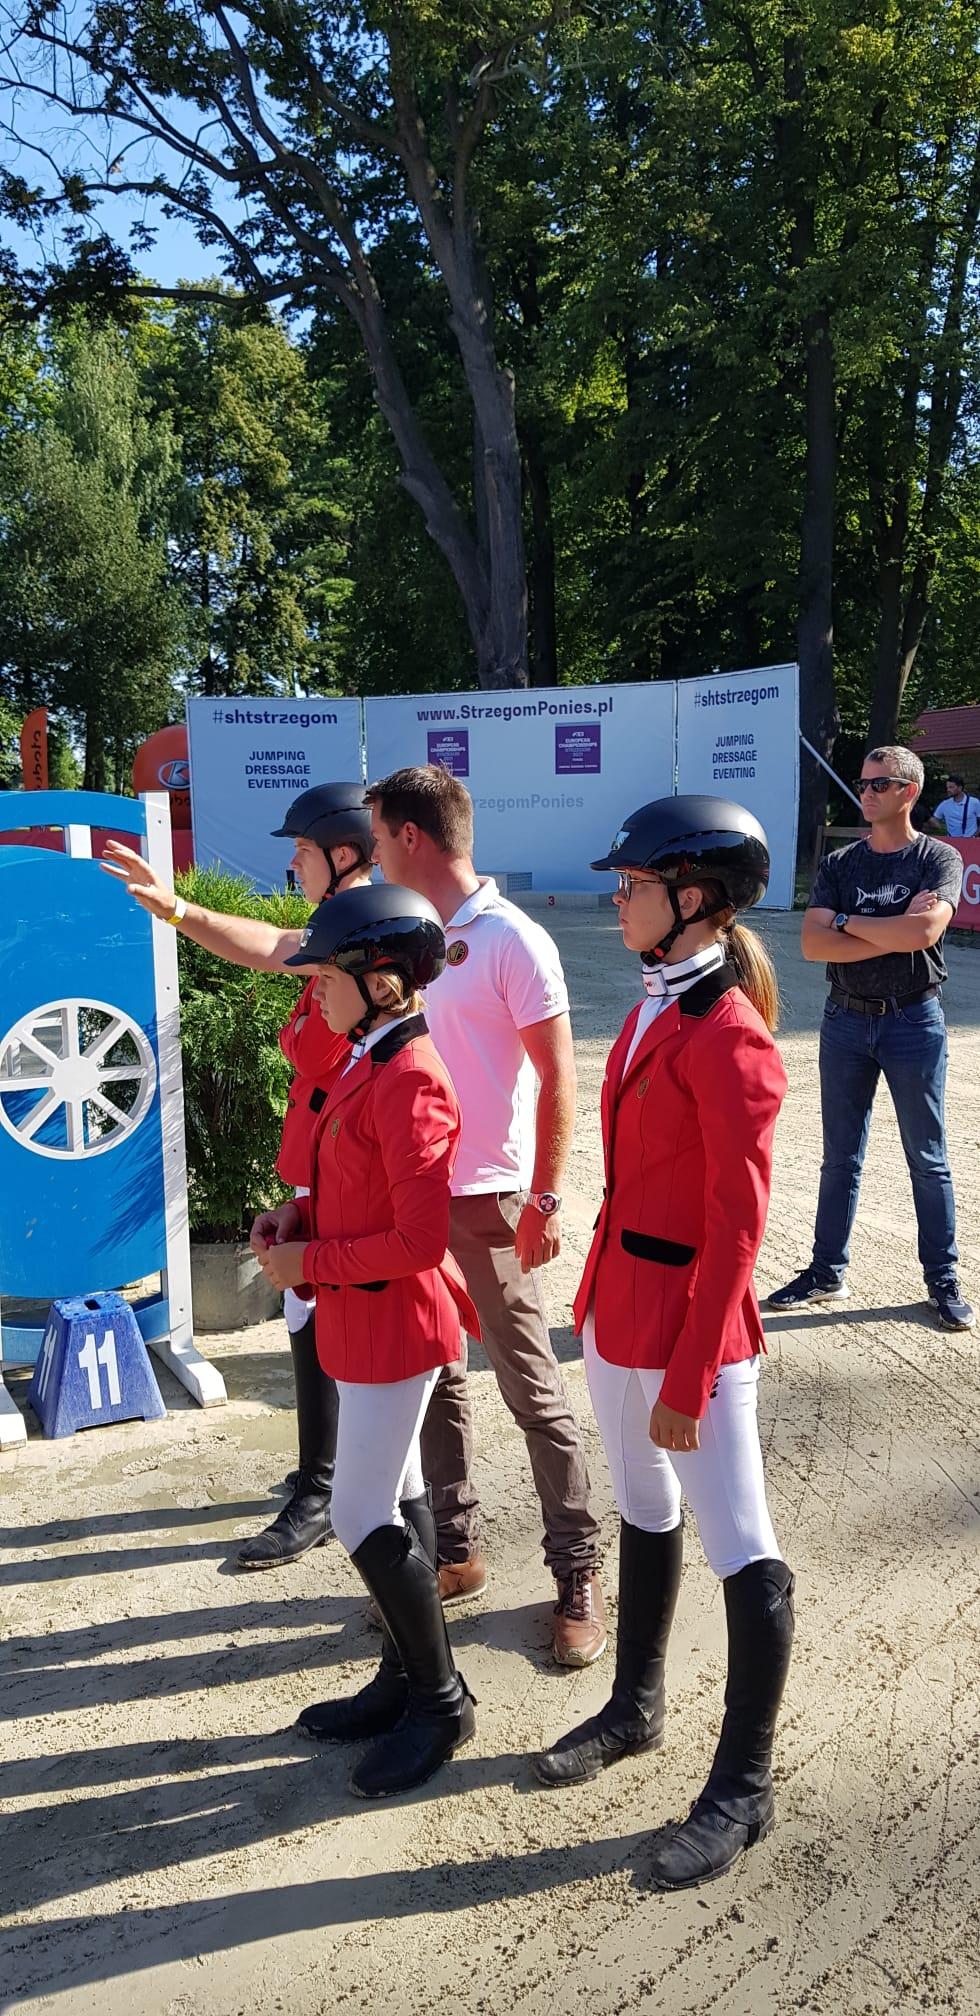 Belgische pony eventingruiters knap vierde op EK